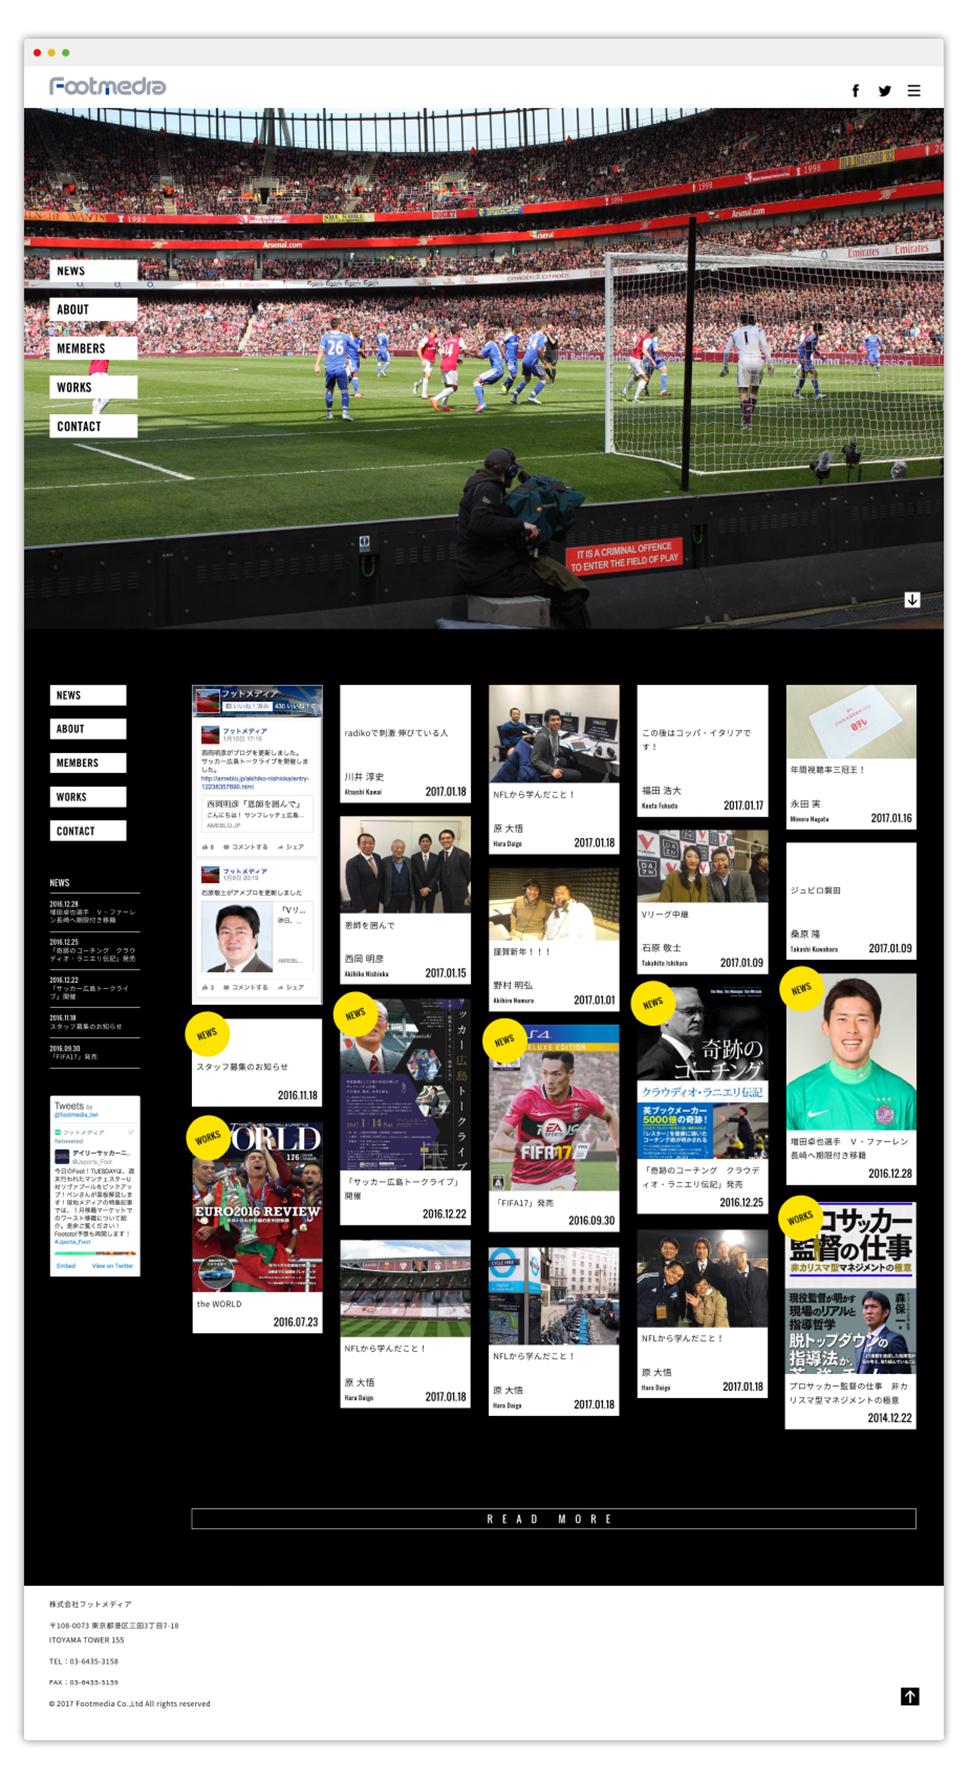 footmedia_site_02